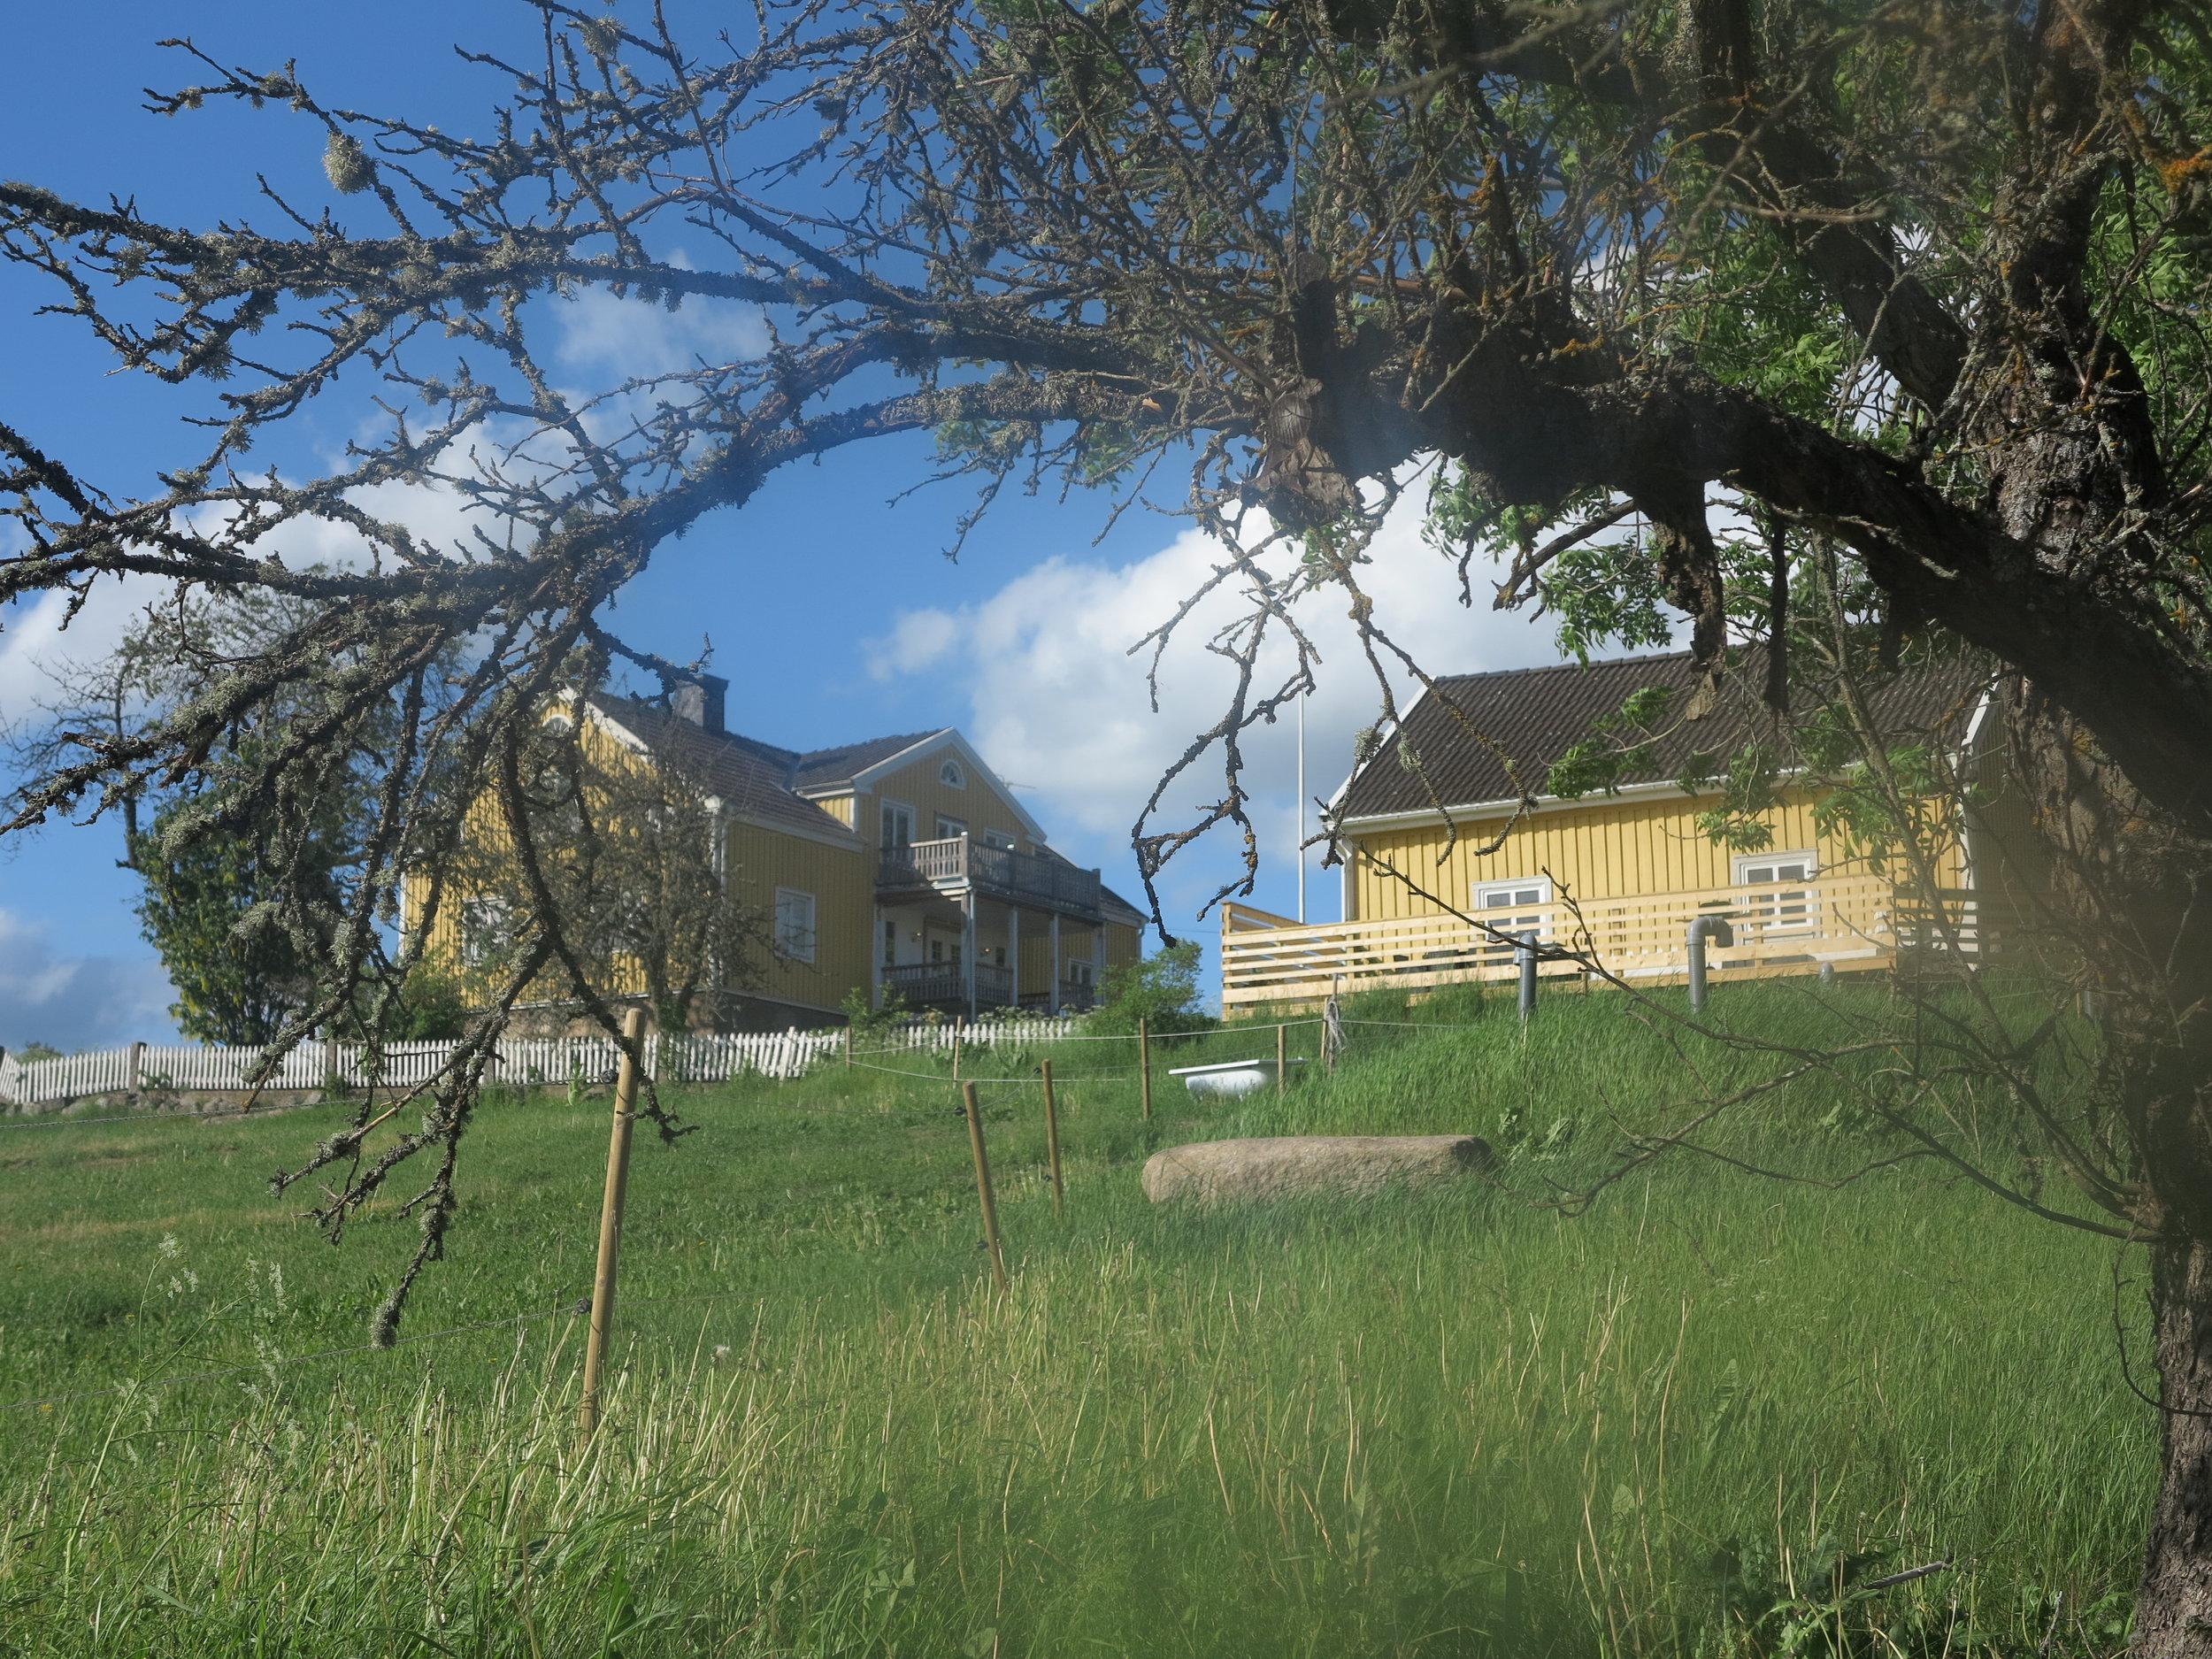 Unser kleines gelbes Haus mit großer Veranda und Traumblick über Wiesen und Wälder